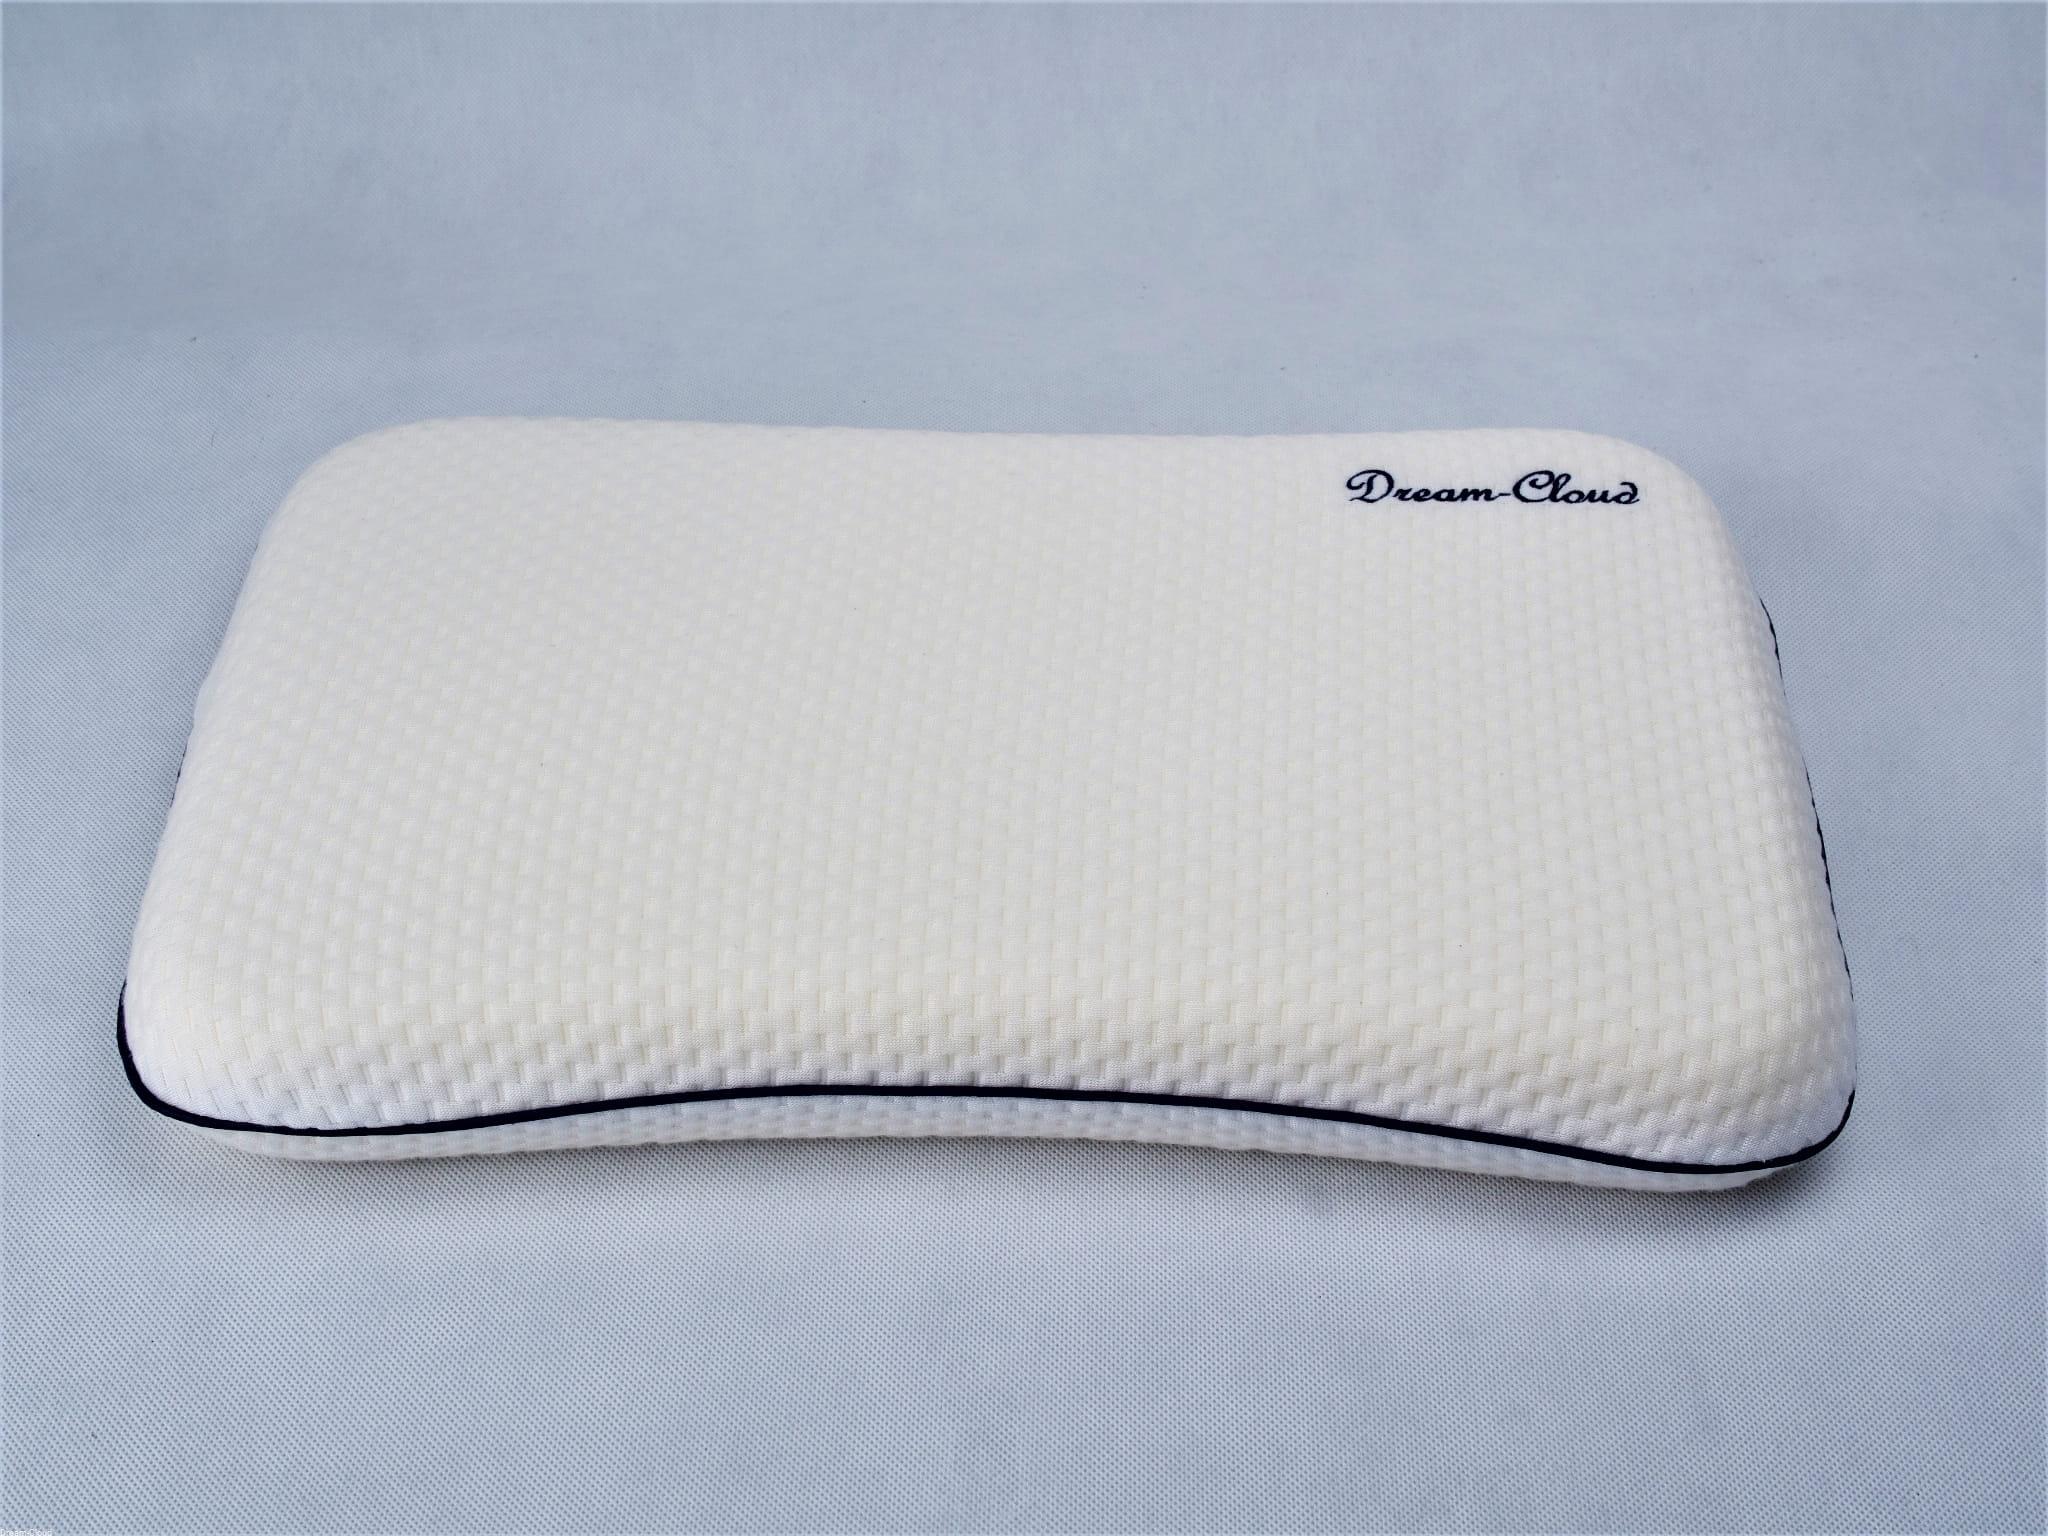 Poduszka Ortopedyczna Dream Cloud Premium 60x40x12cm cena na